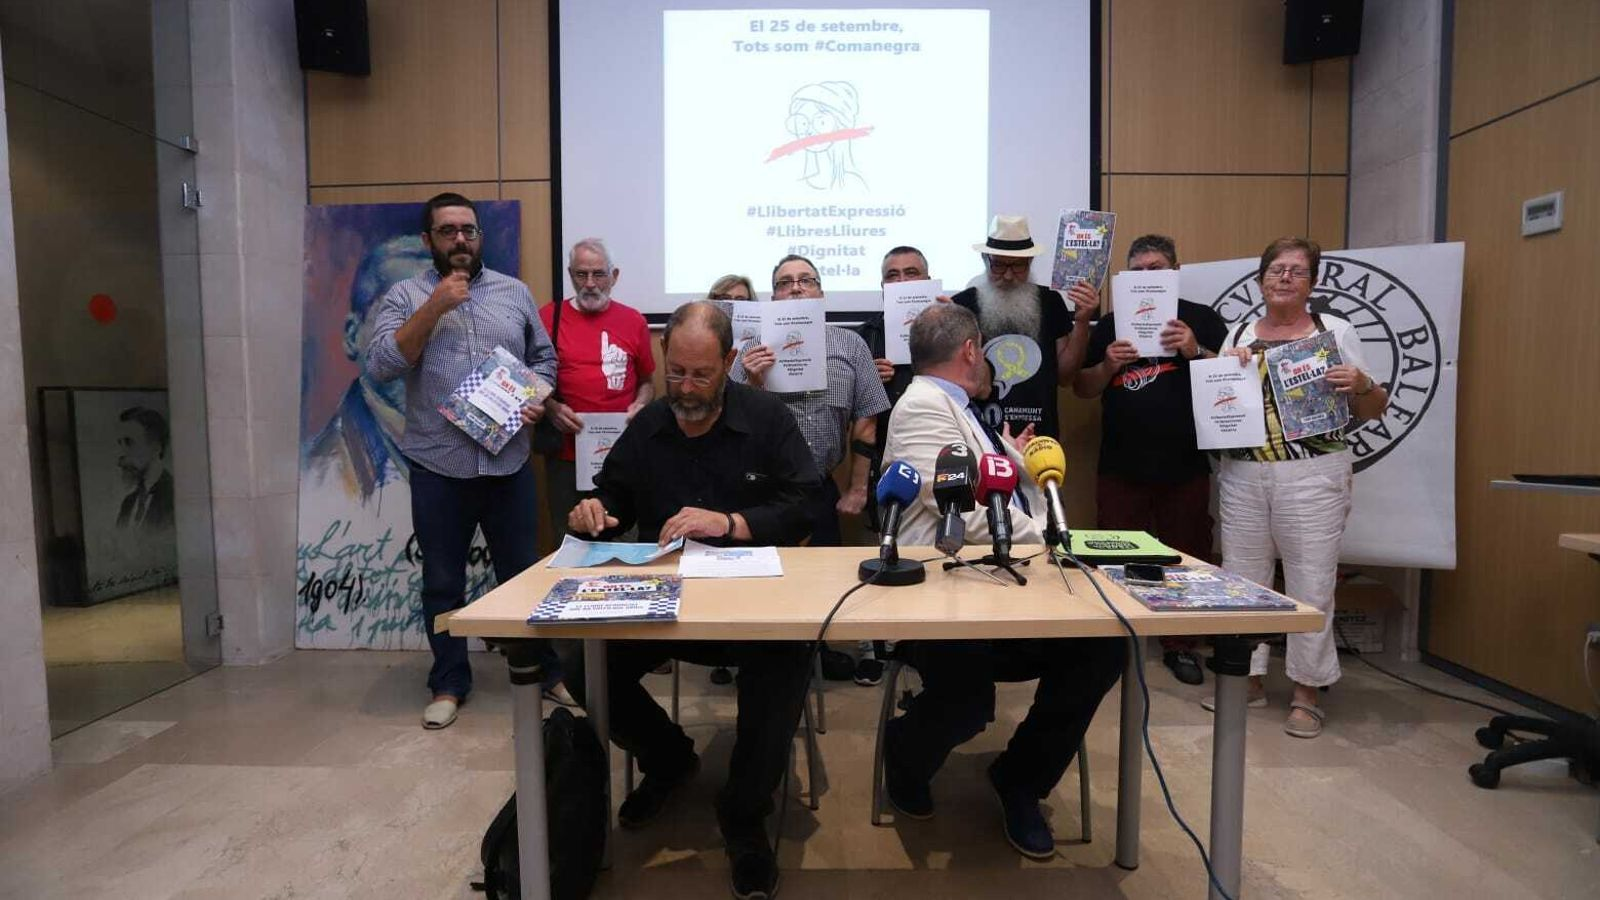 Imatge de la roda de premsa a Can Alcover